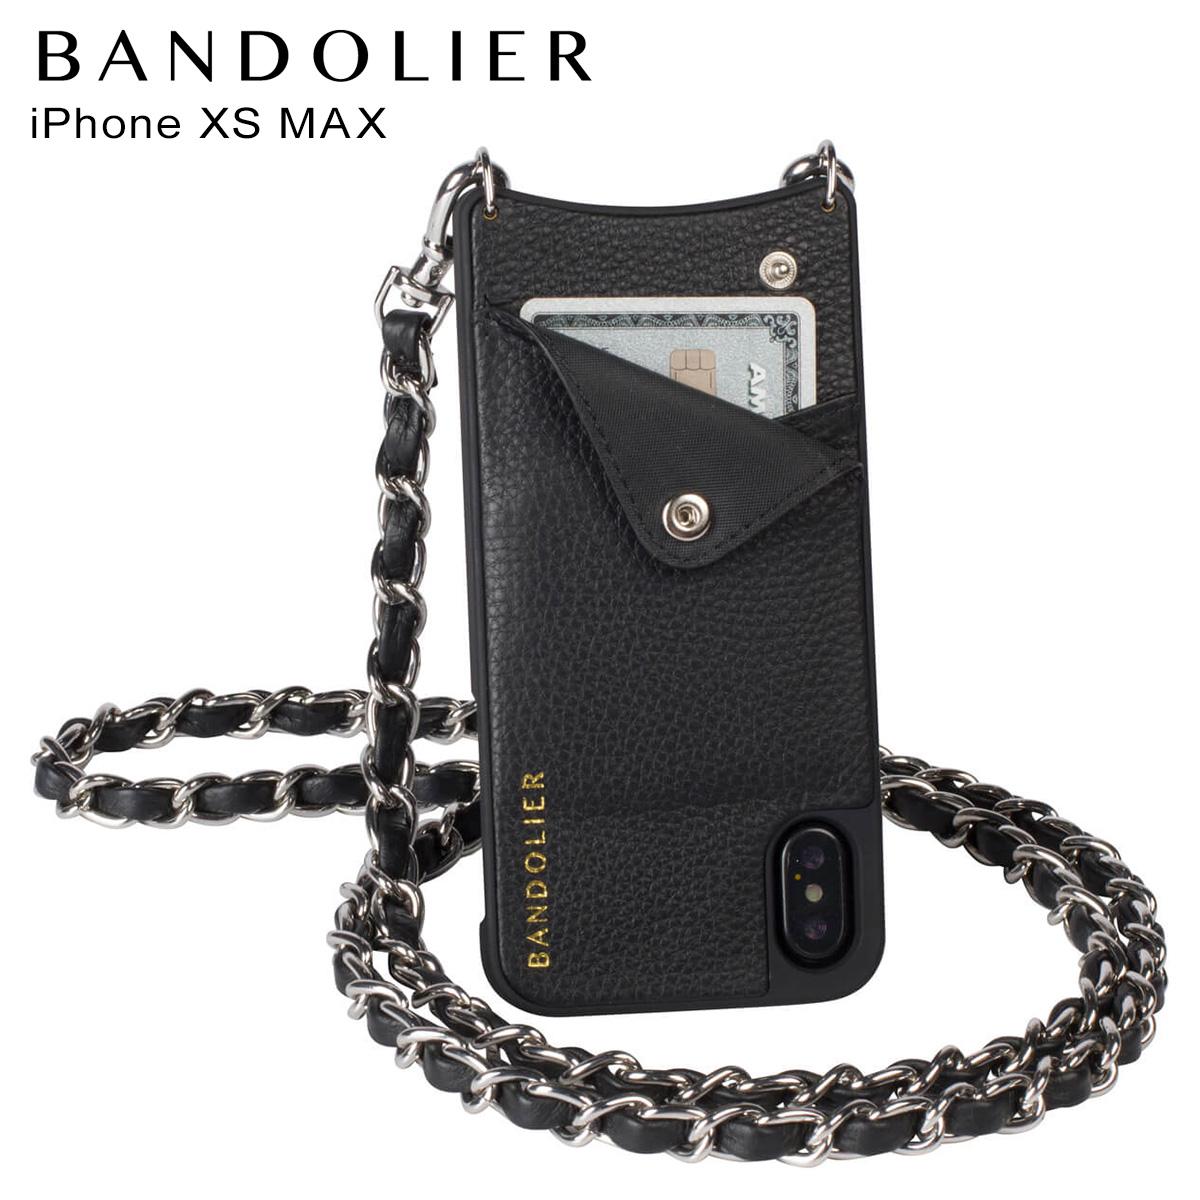 BANDOLIER iPhone XS MAX LUCY SILVER バンドリヤー ケース ショルダー スマホ アイフォン レザー メンズ レディース ブラック 10LCY1001 [3/18 再入荷]